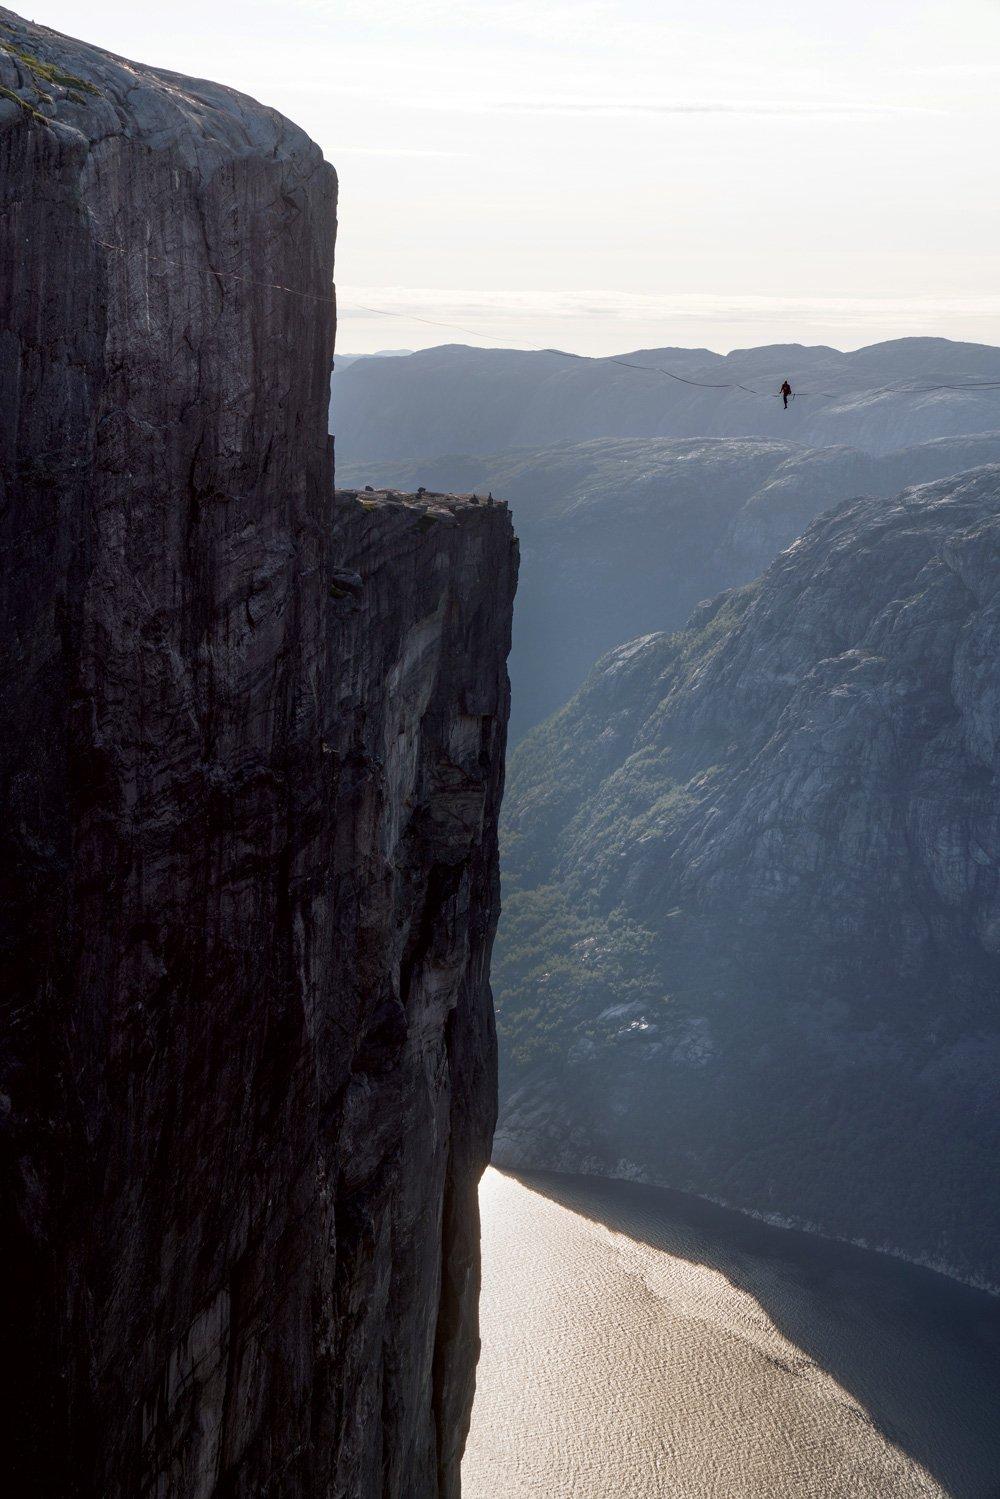 Slacklining 3,000 feet above a fjord